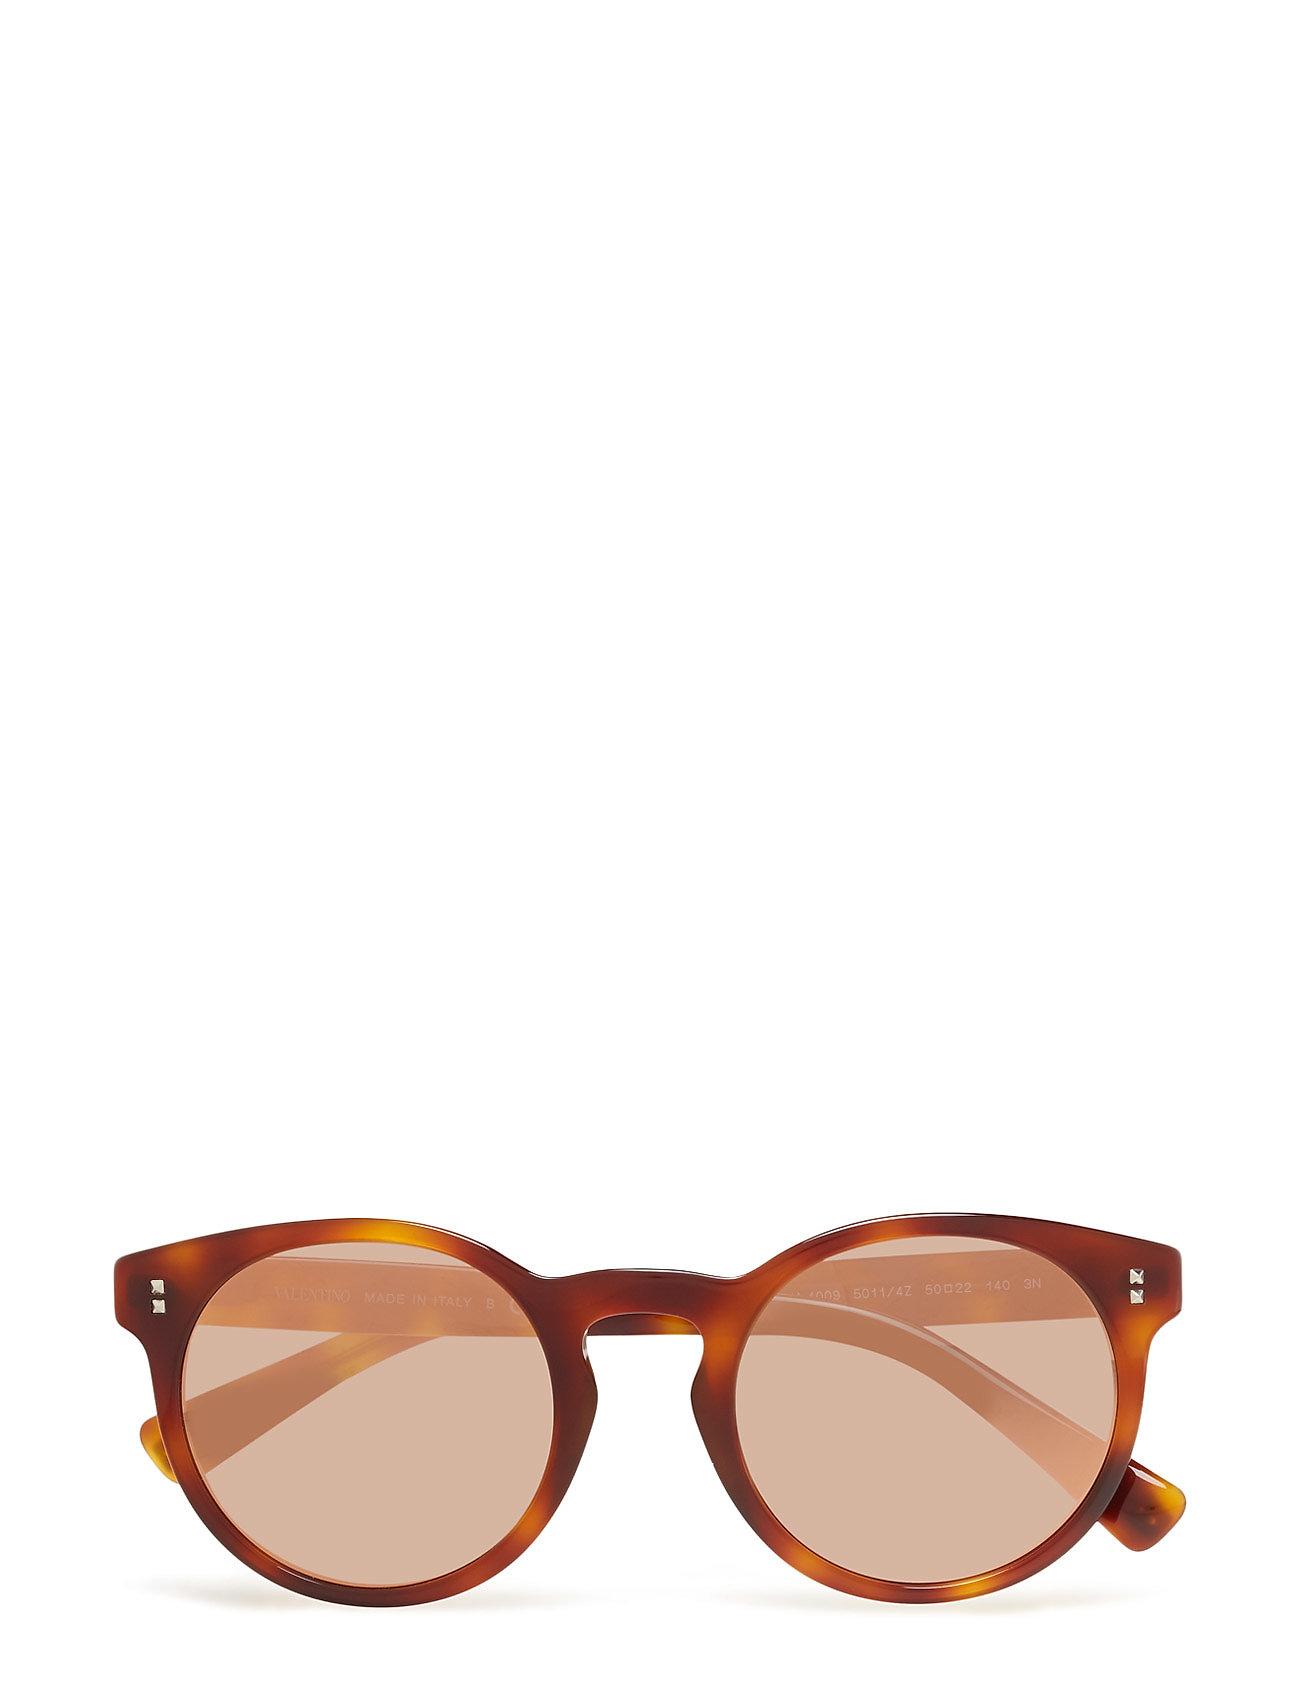 91d914fa2679 Rockstud Rivets Valentino Sunglasses Solbriller til Damer i ...